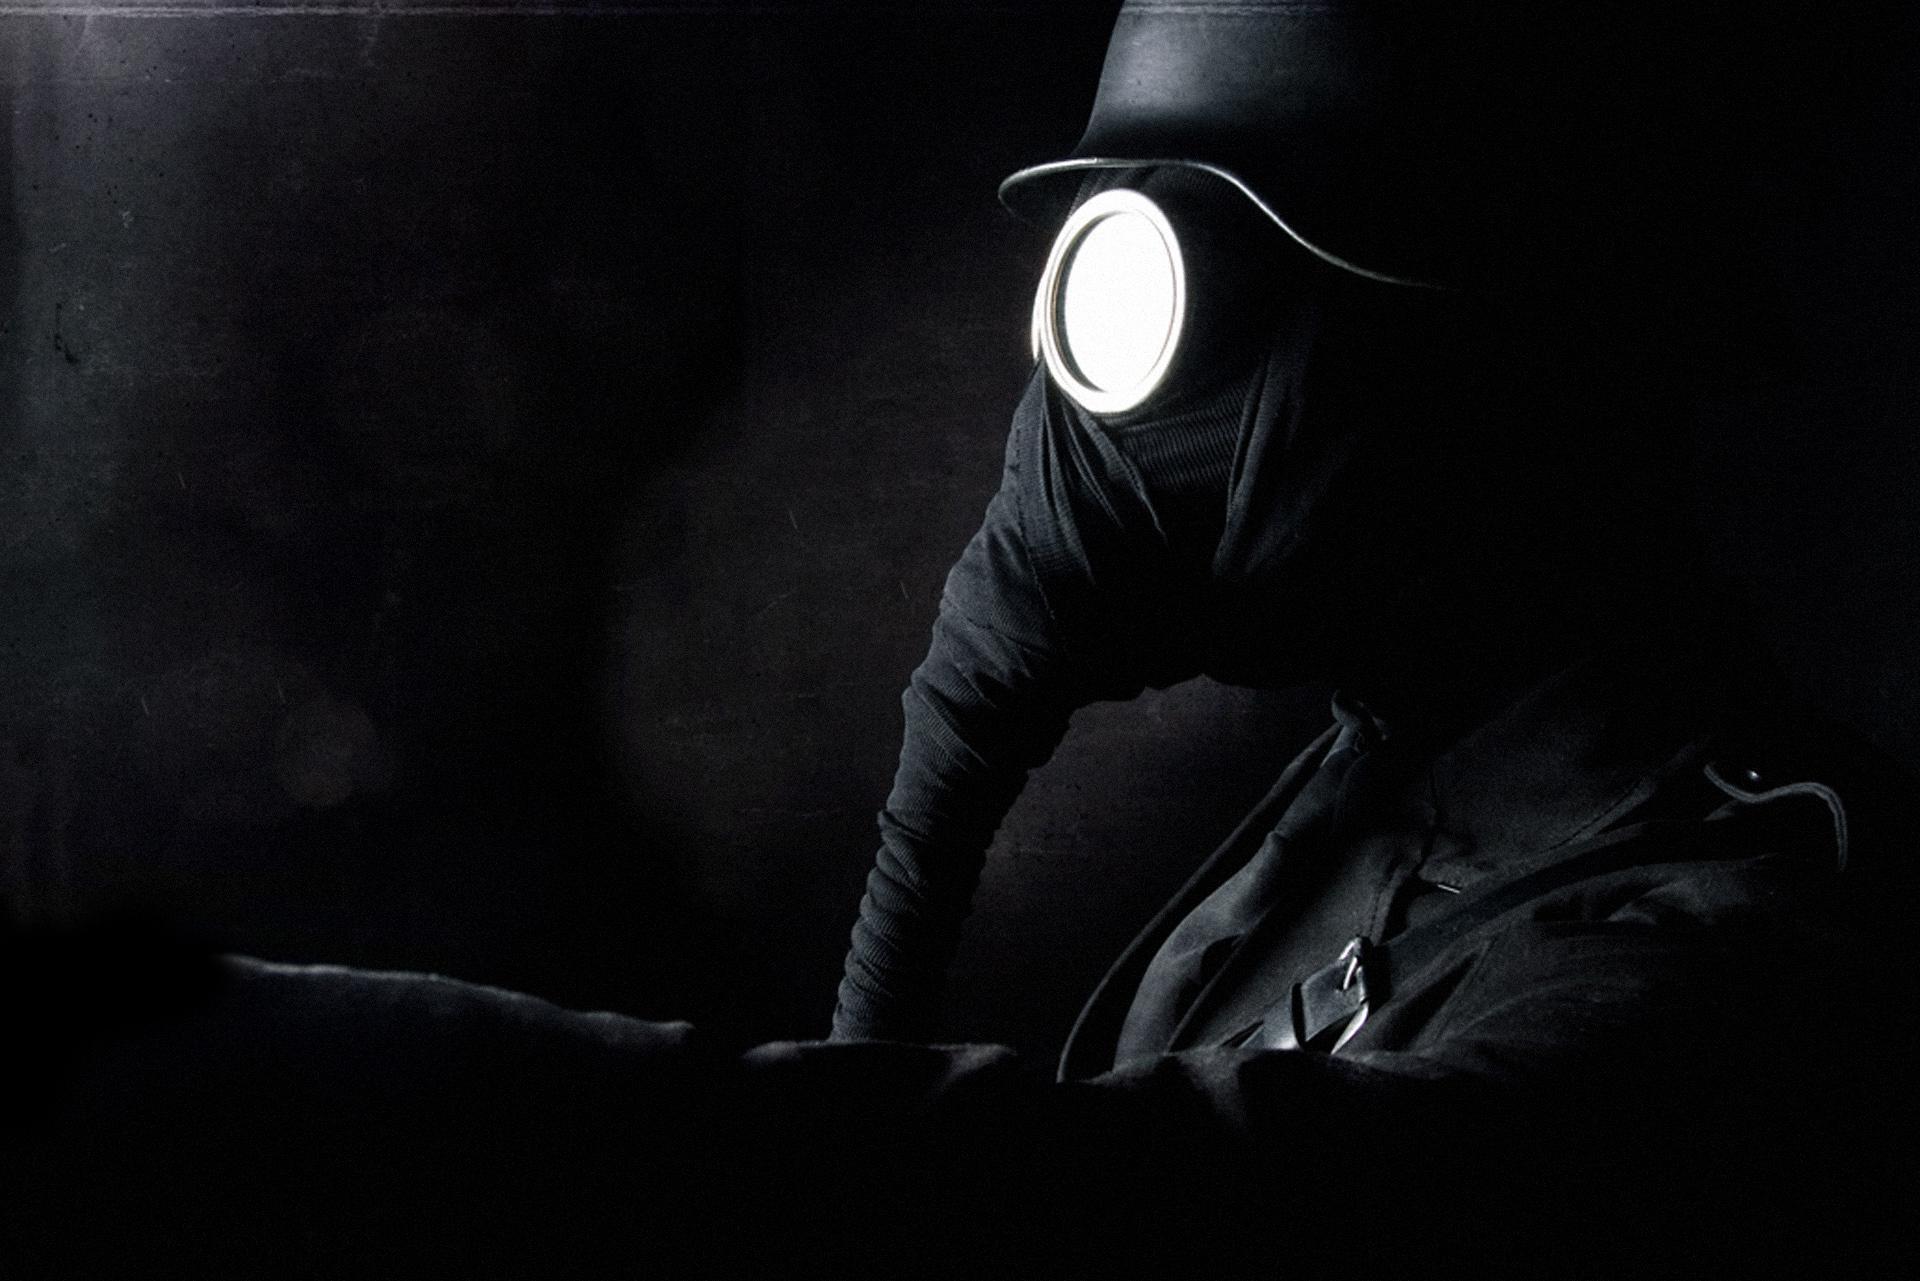 gas mask wallpaper - wallpapersafari